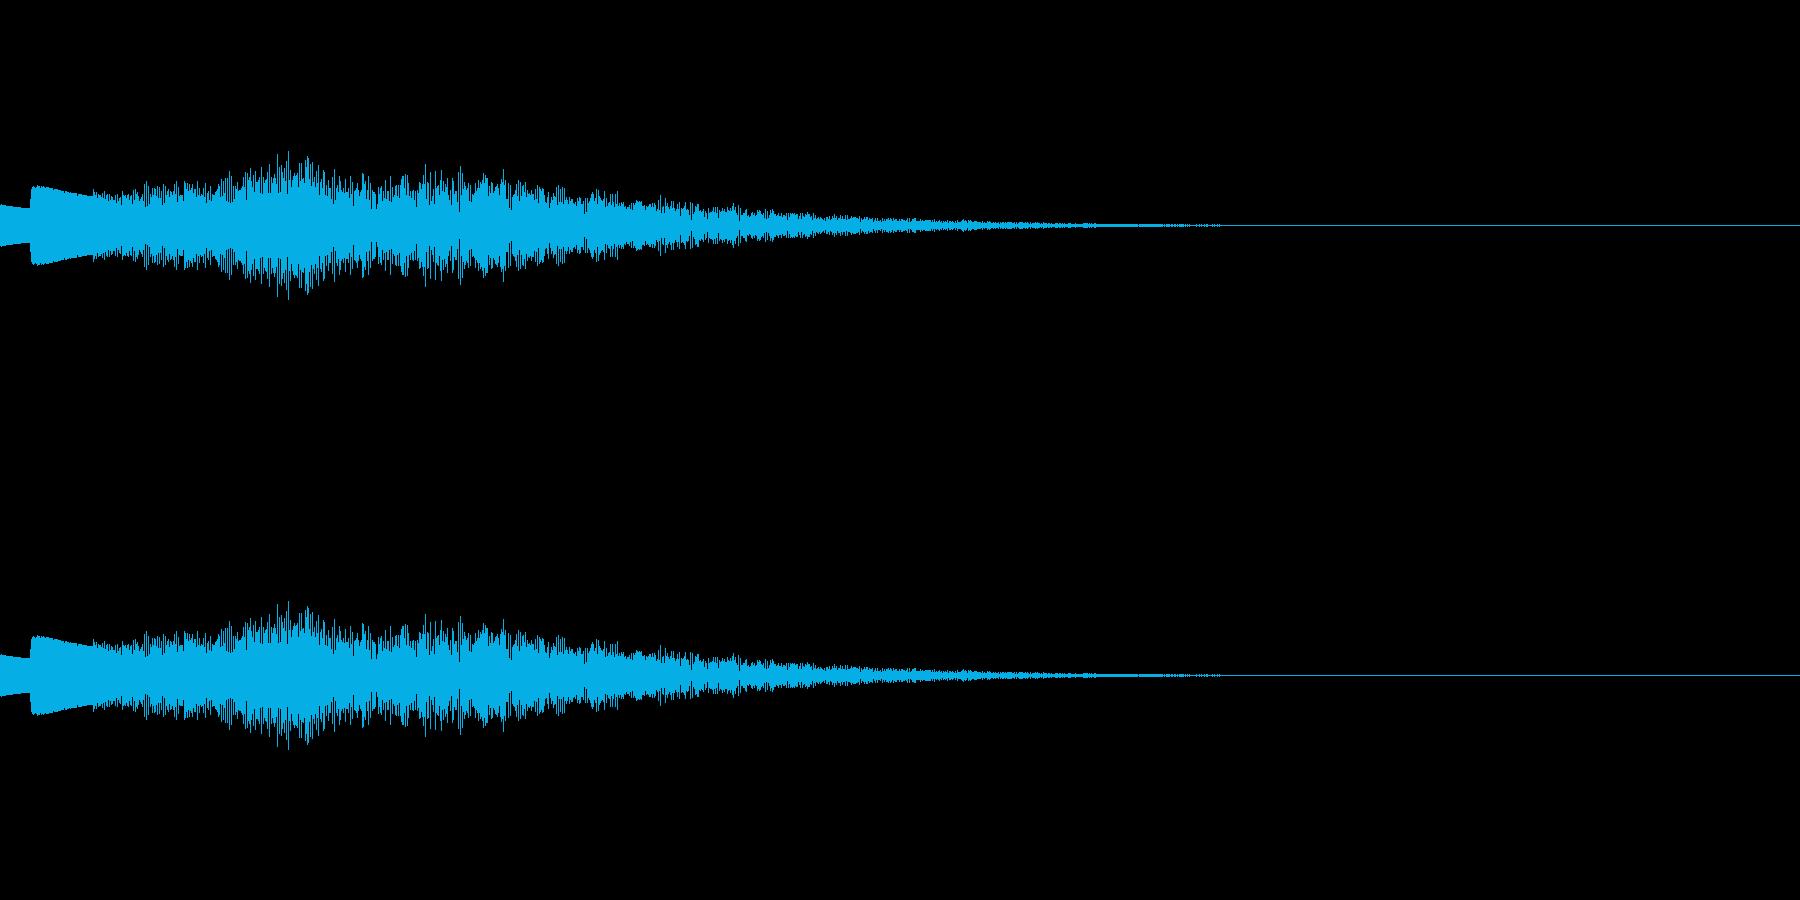 綺麗に輝く「キラン☆」ベル音6回連続音の再生済みの波形